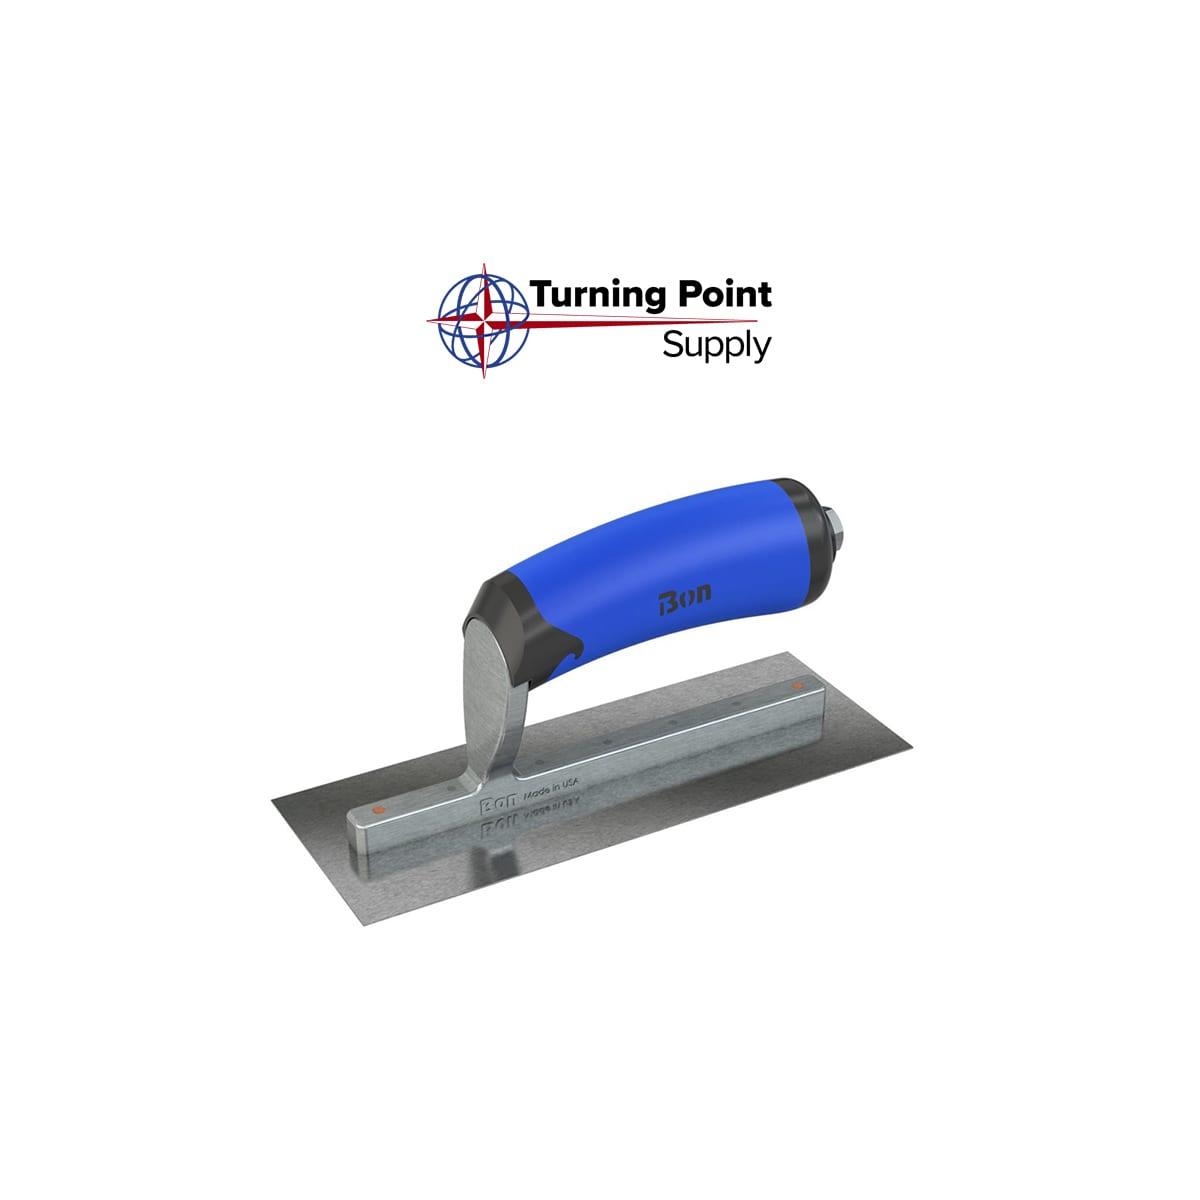 Right CARBON STEEL MIDGET TROWEL - 8 X 3 - Bon Tools 67-250